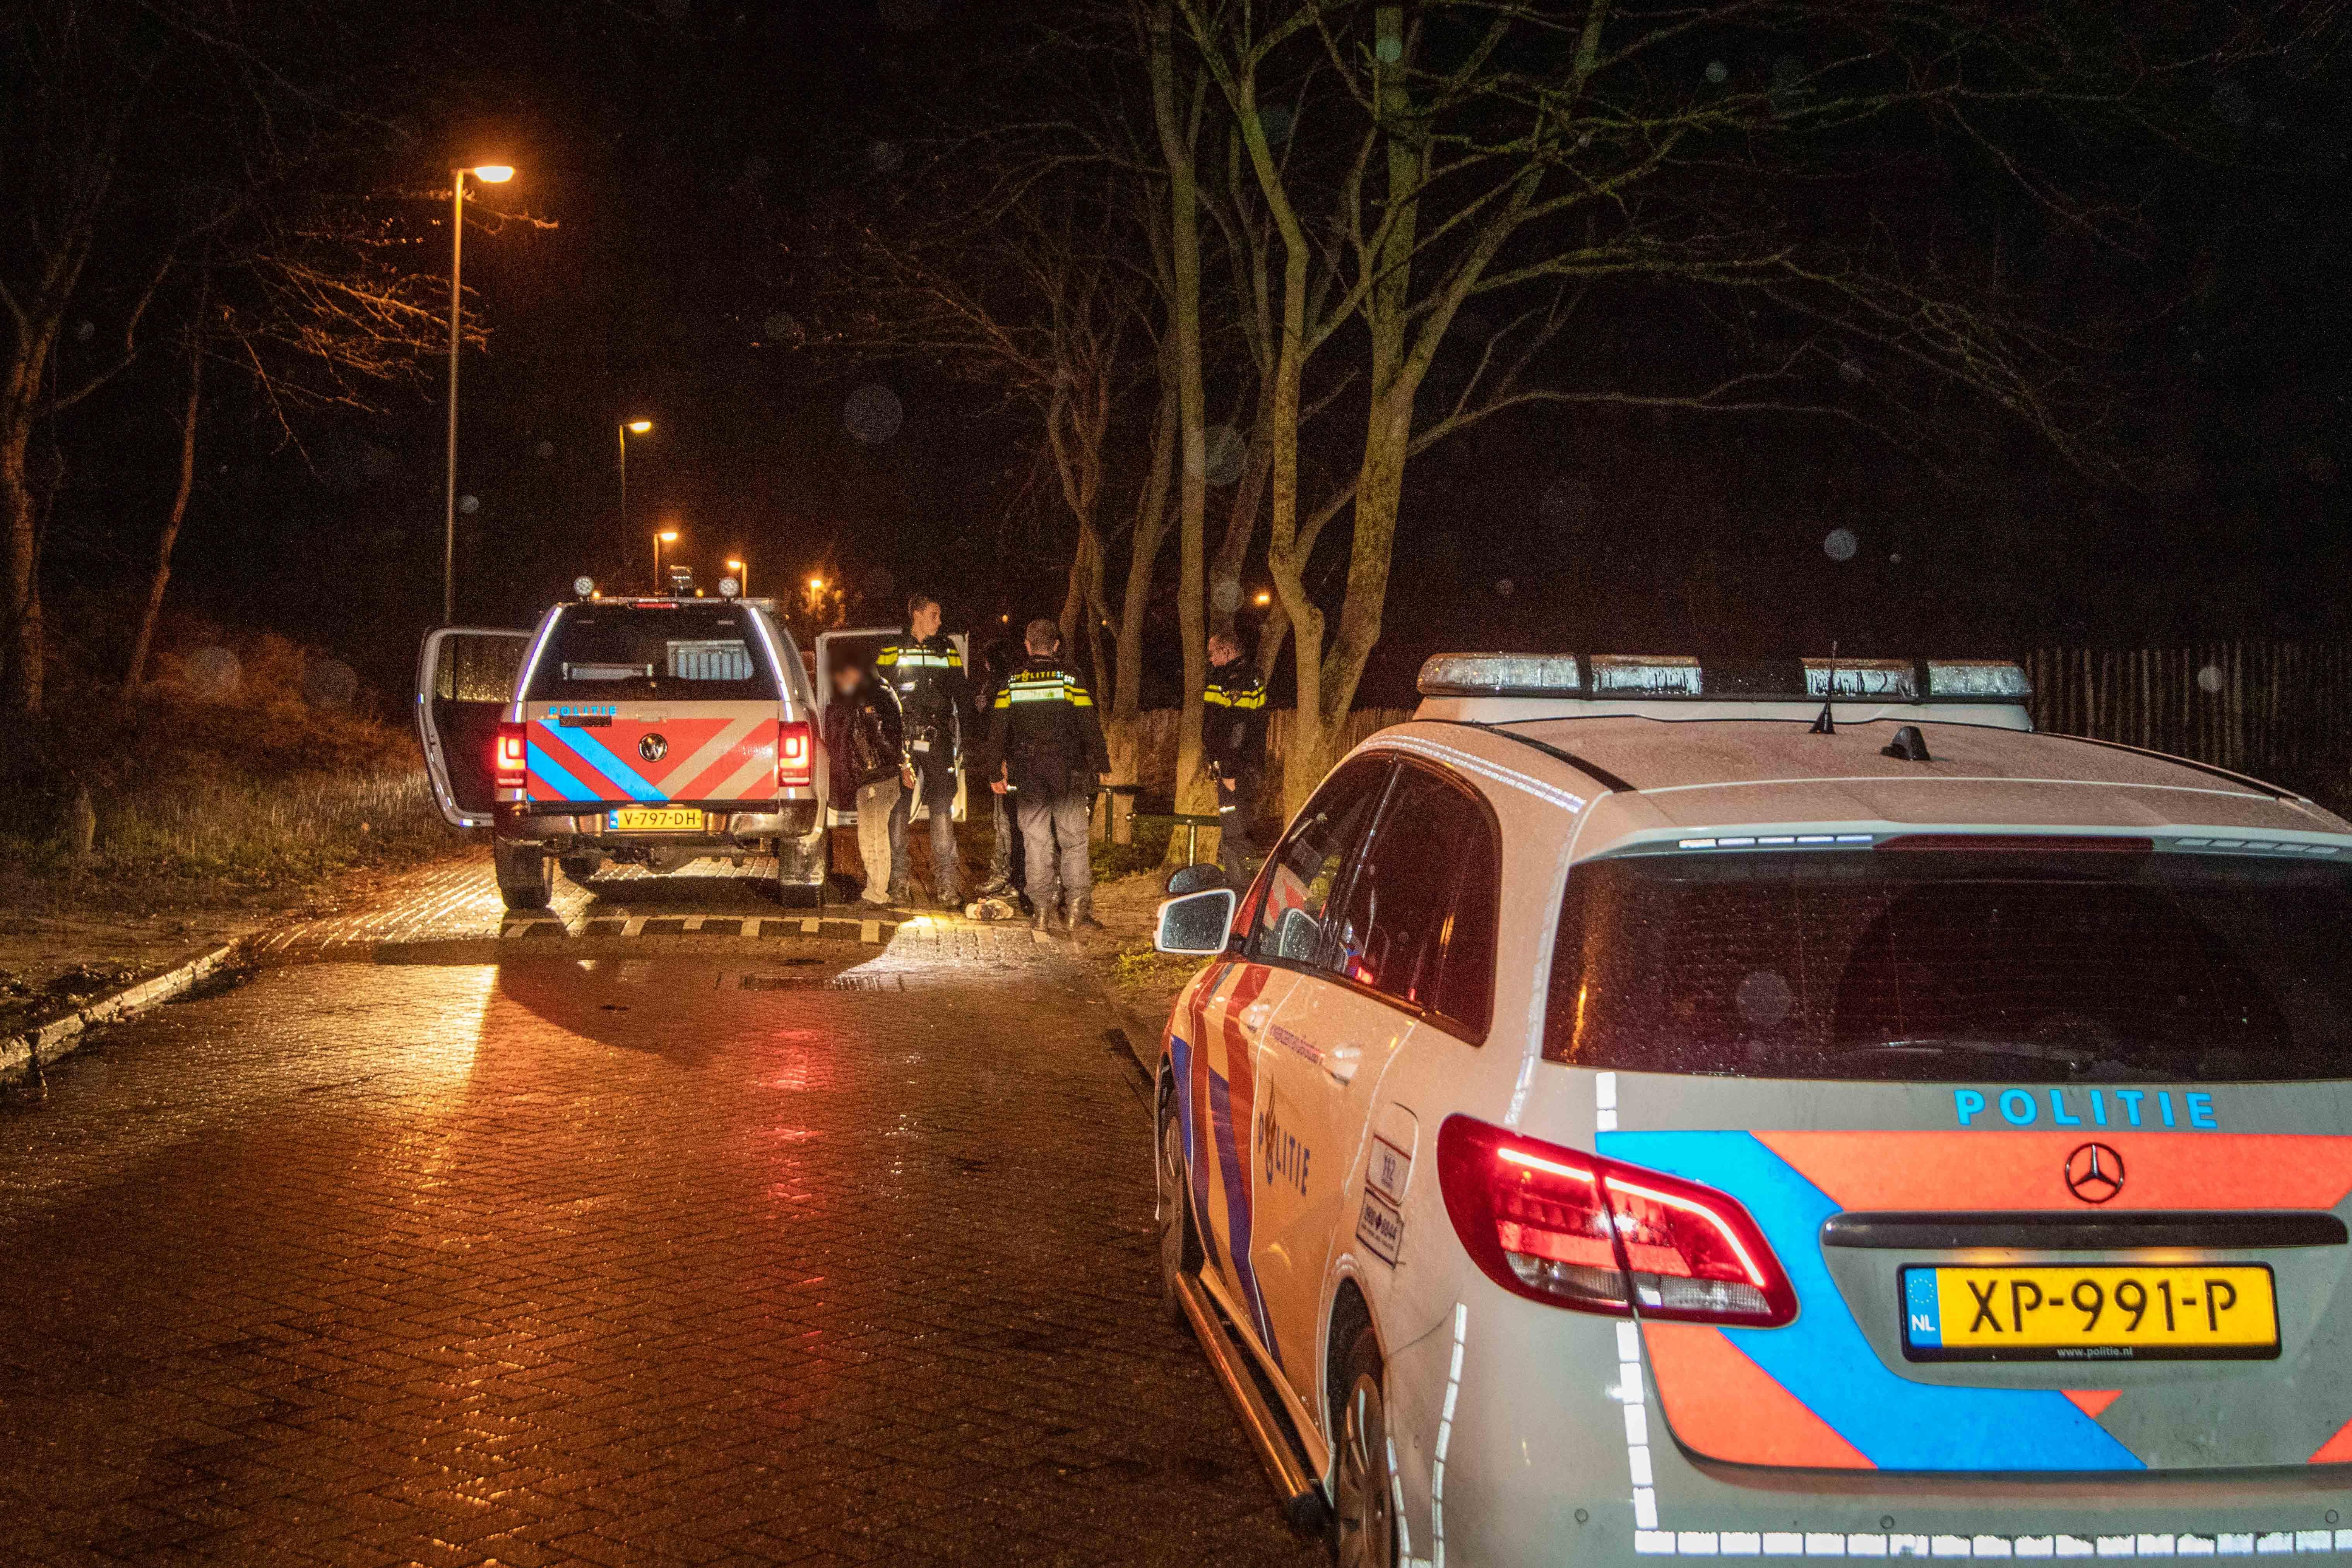 Eén persoon aangehouden na beroving in Zandvoort, twee verdachten voortvluchtig